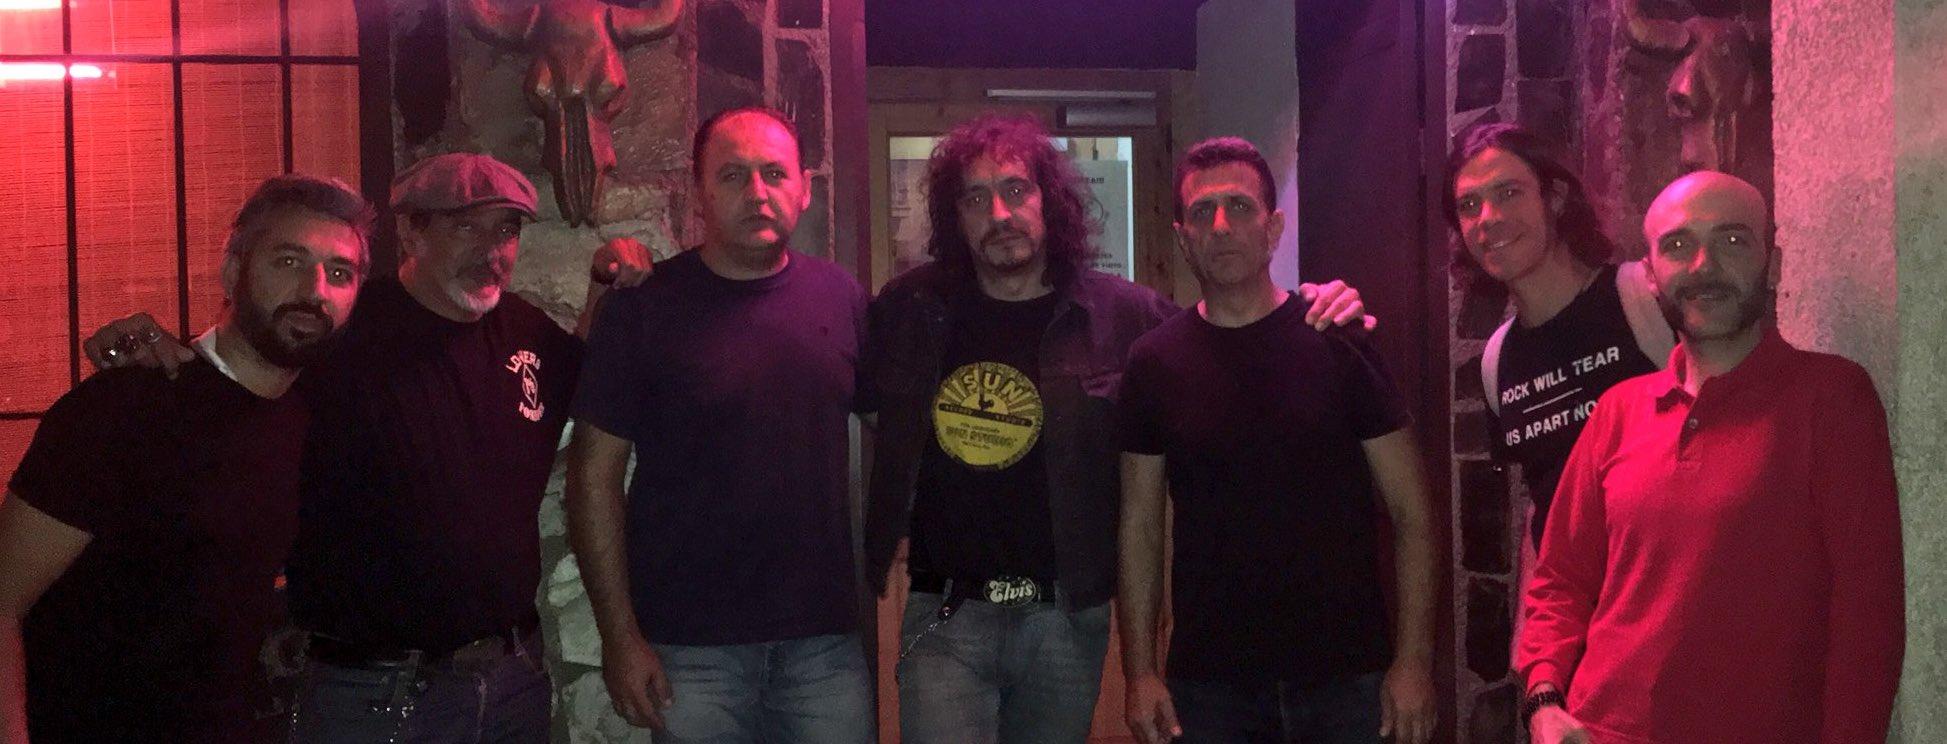 El Amply: reunión de rockeros en Blus Bar